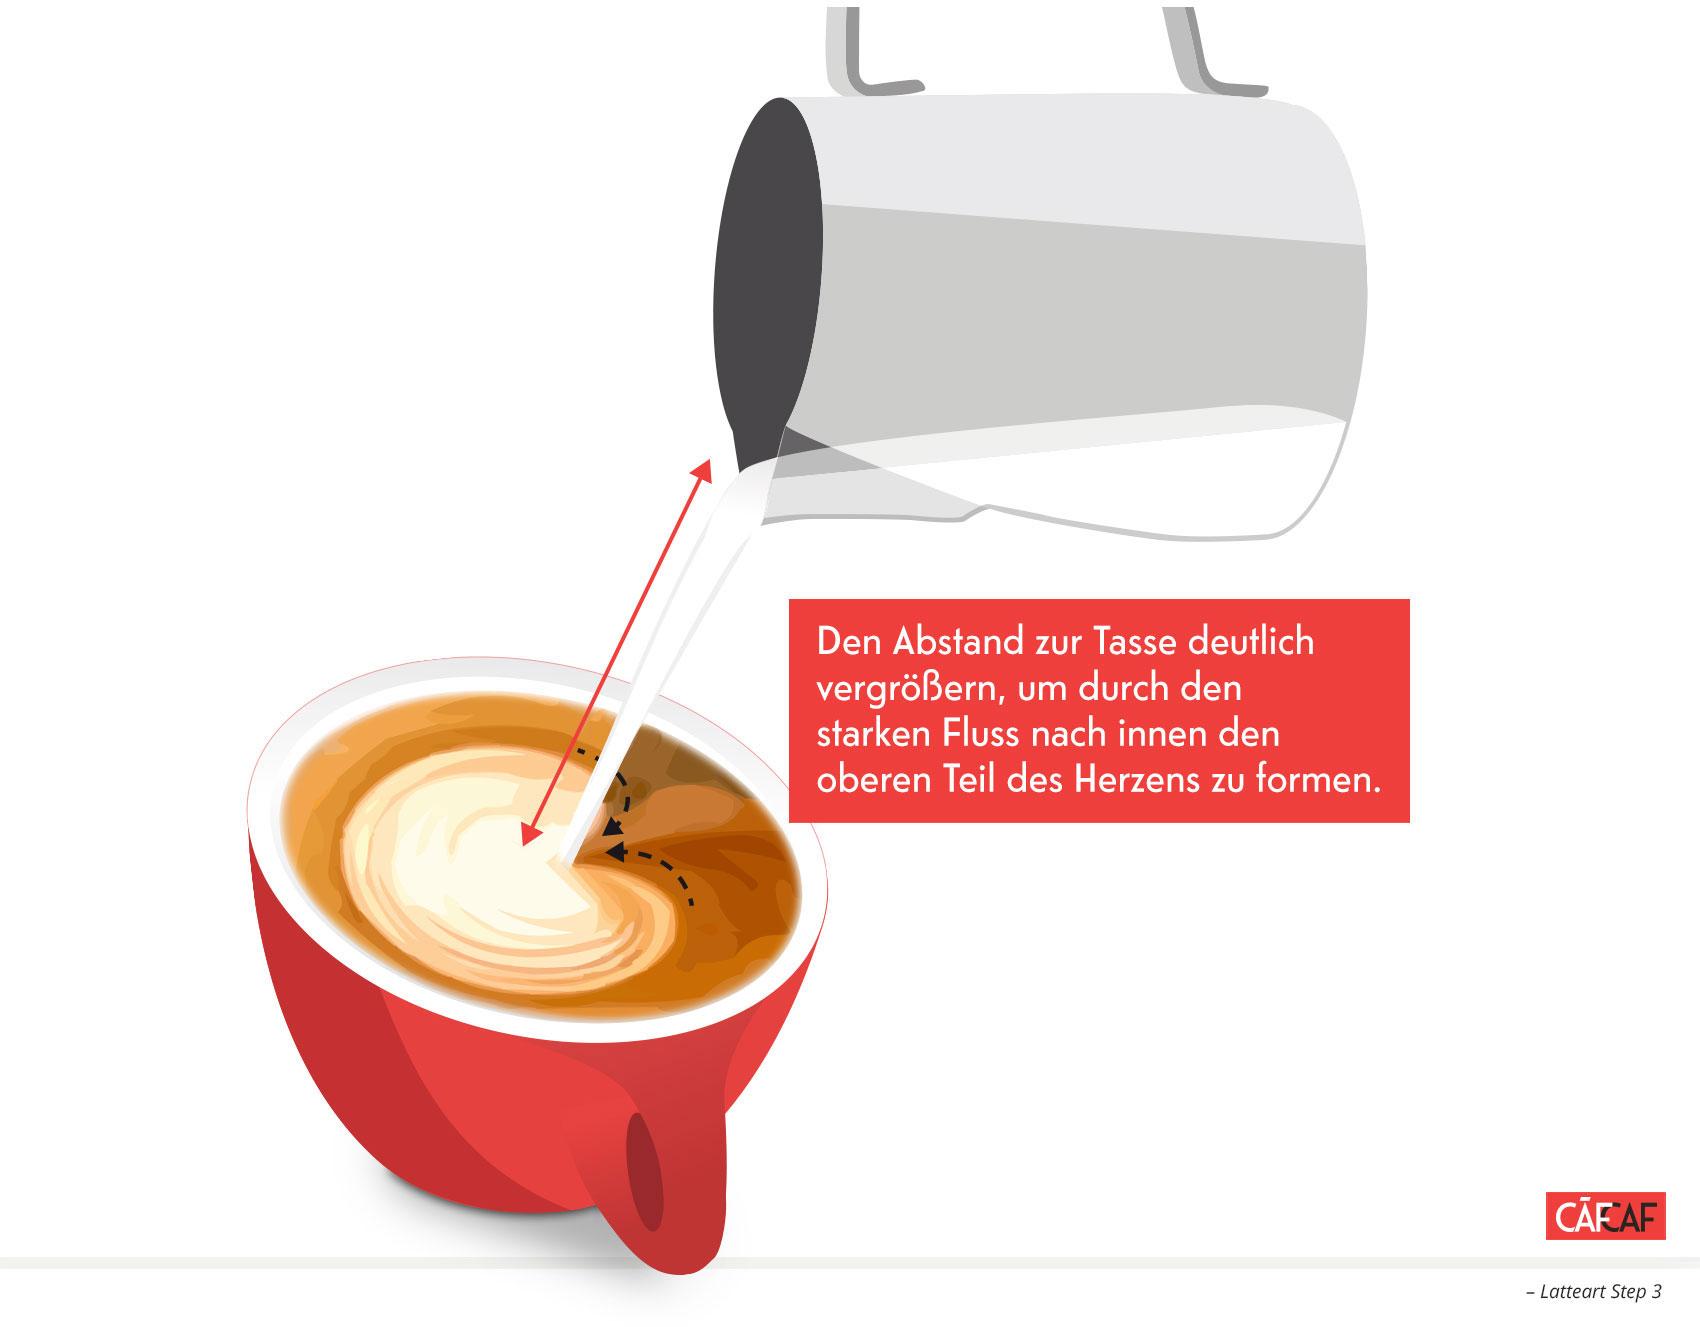 Latte Art » Latte Art lernen » Latte Art Anleitung